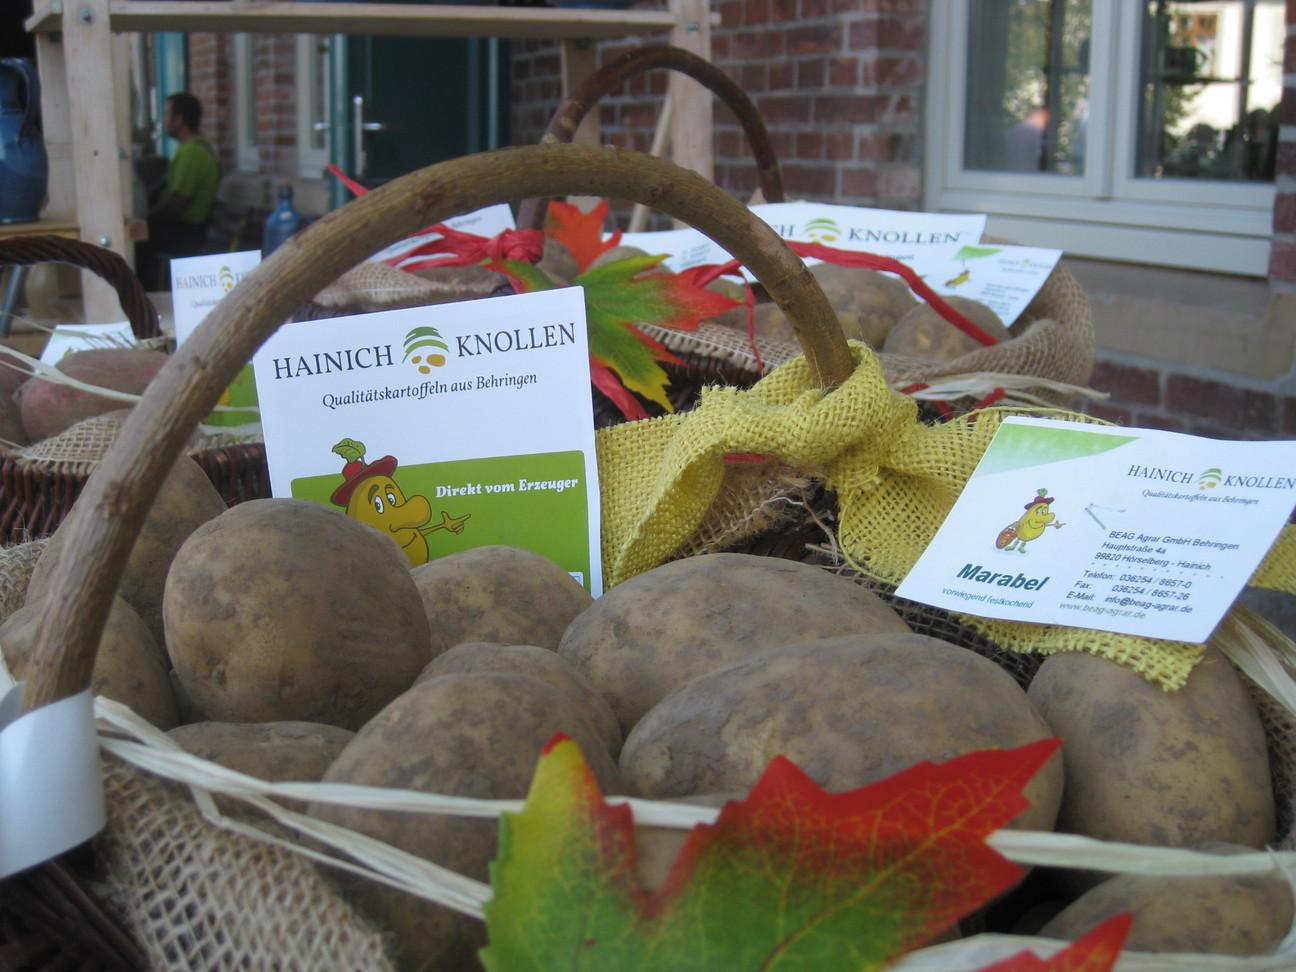 Regionales Produkt: Hainich Knollen (Quelle: IPU Erfurt)